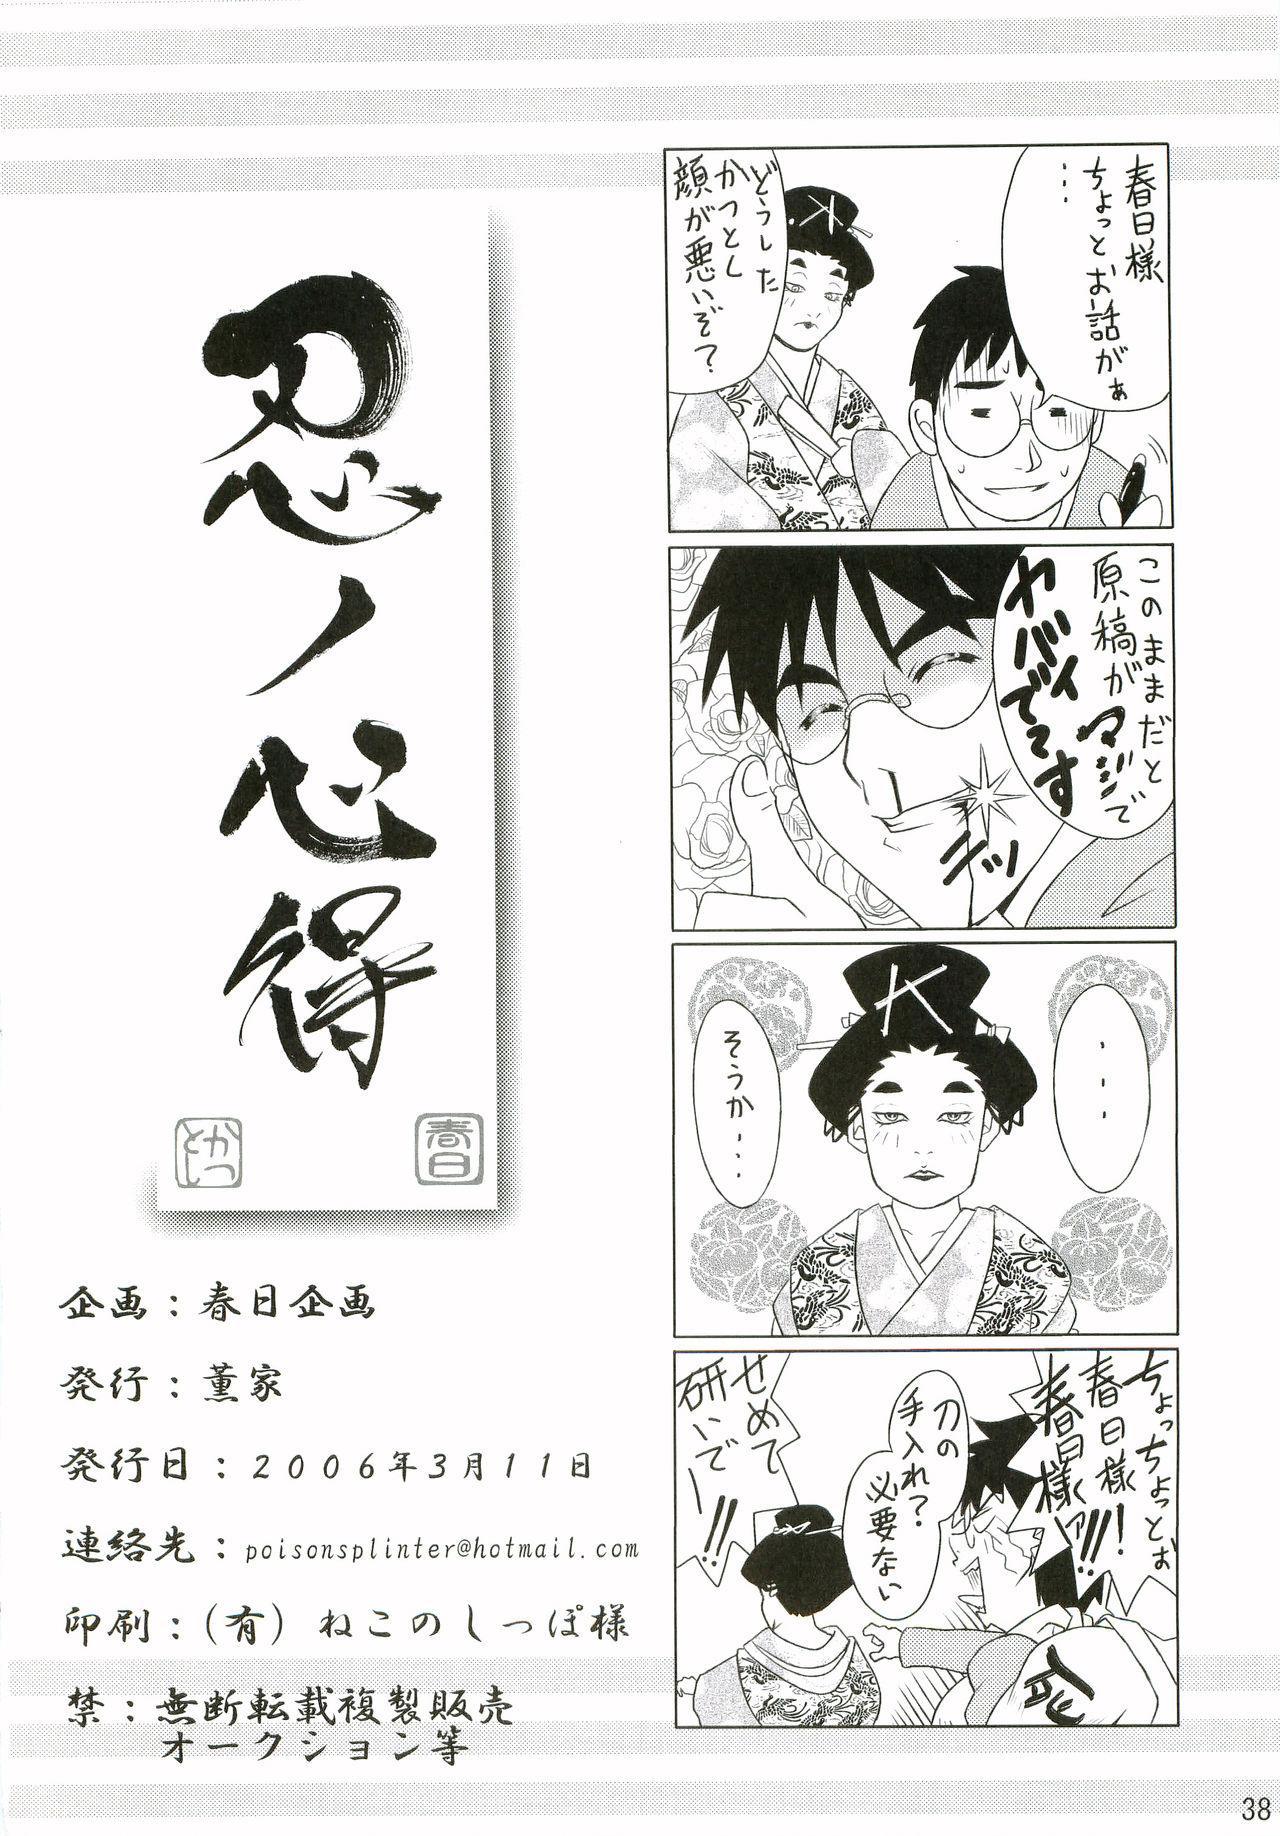 Shinobi no Kokoroe 38